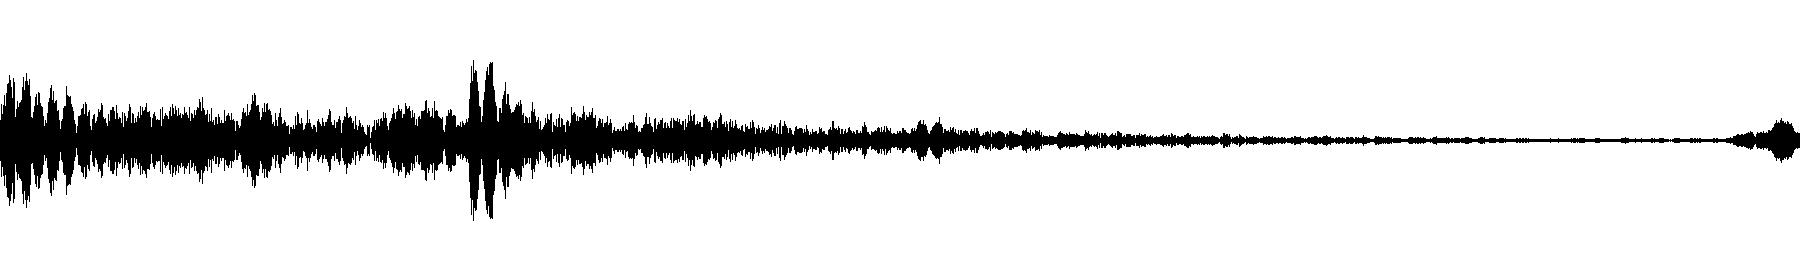 28 rho04 125f